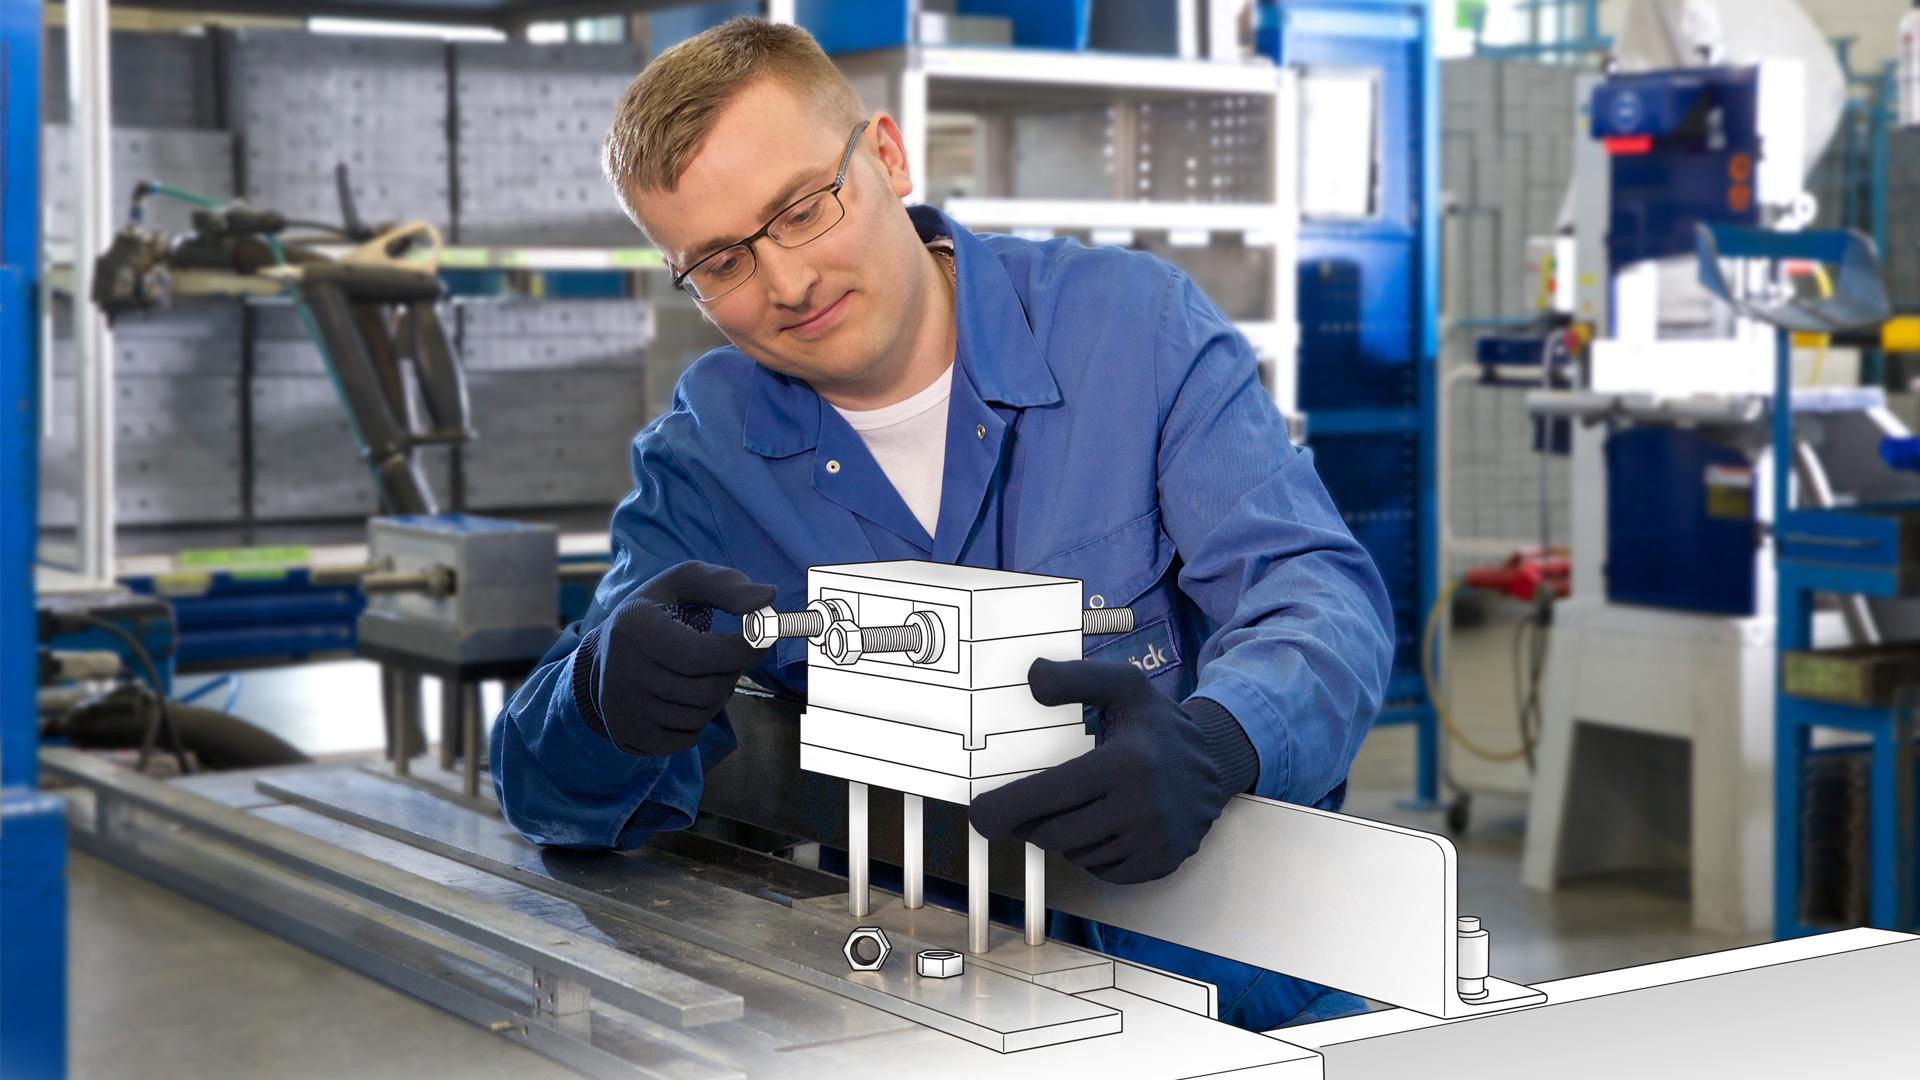 Produktionsmitarbeiter (m/w/d) für die Stahlverarbeitung im Schichtbetrieb